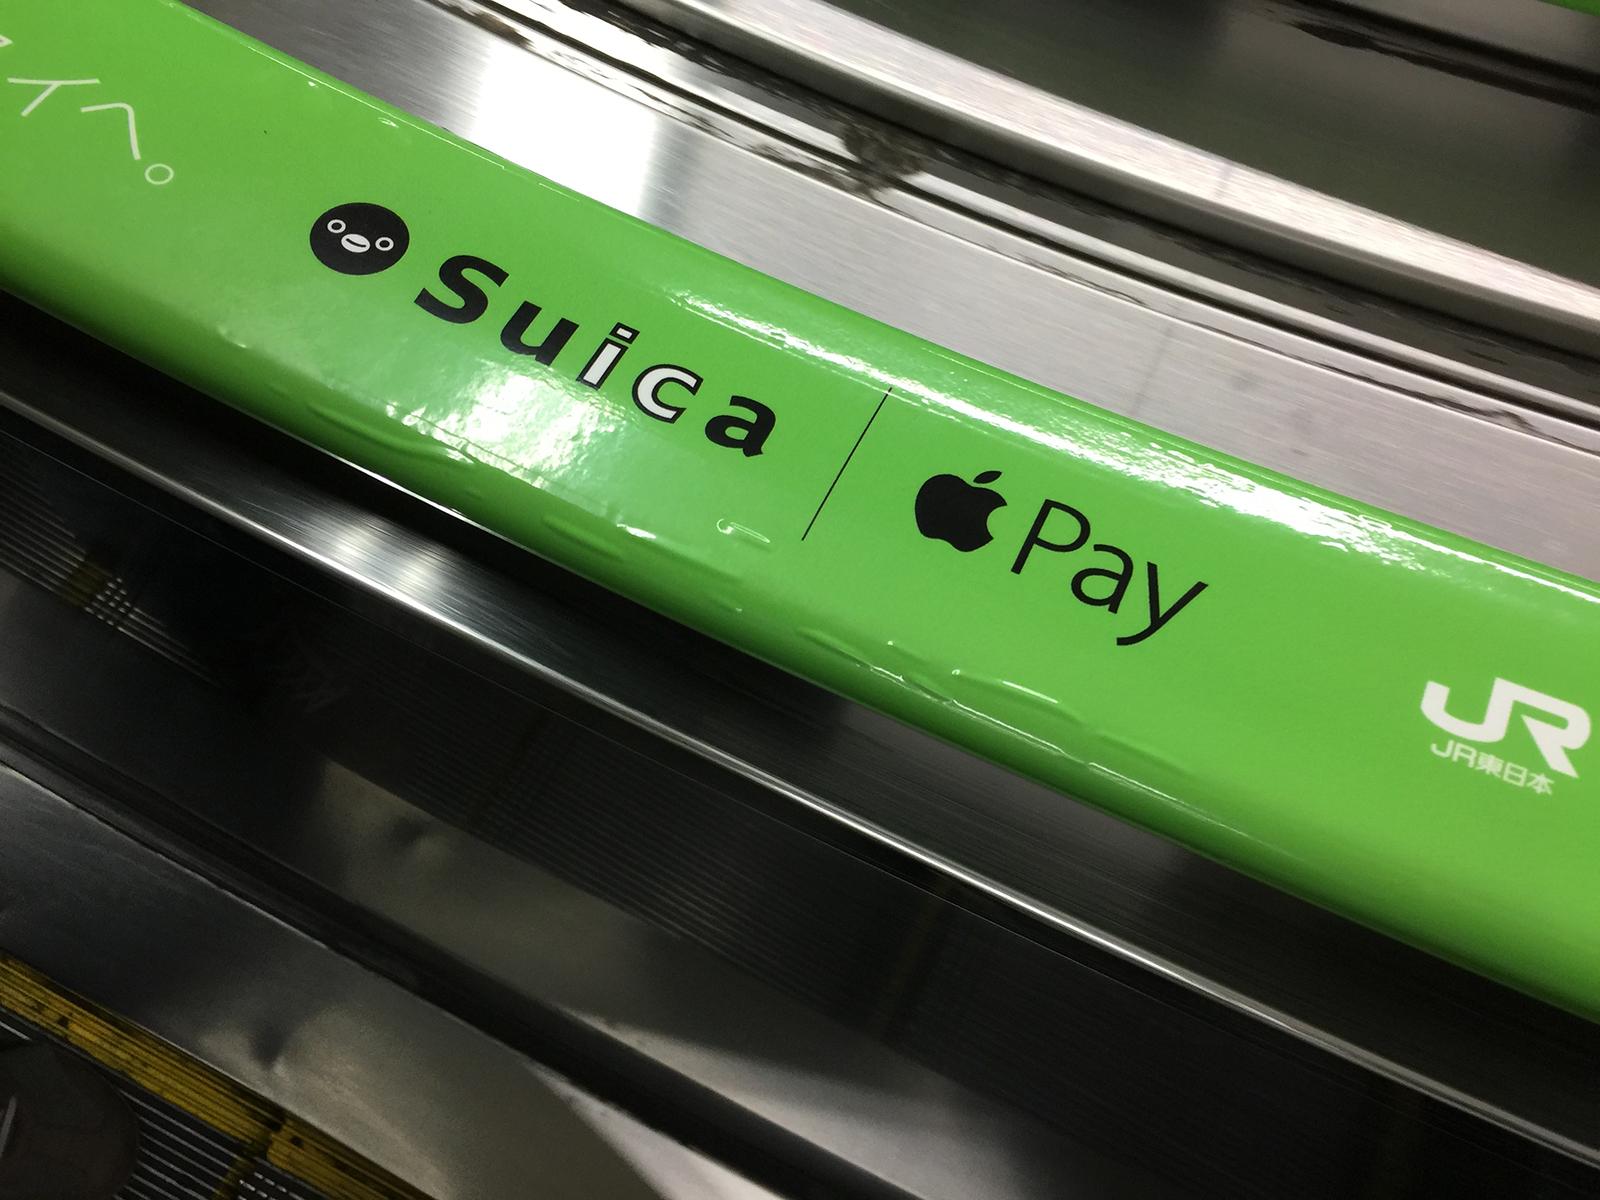 JR promocionando Apple™ Pay conjuntamente con Apple